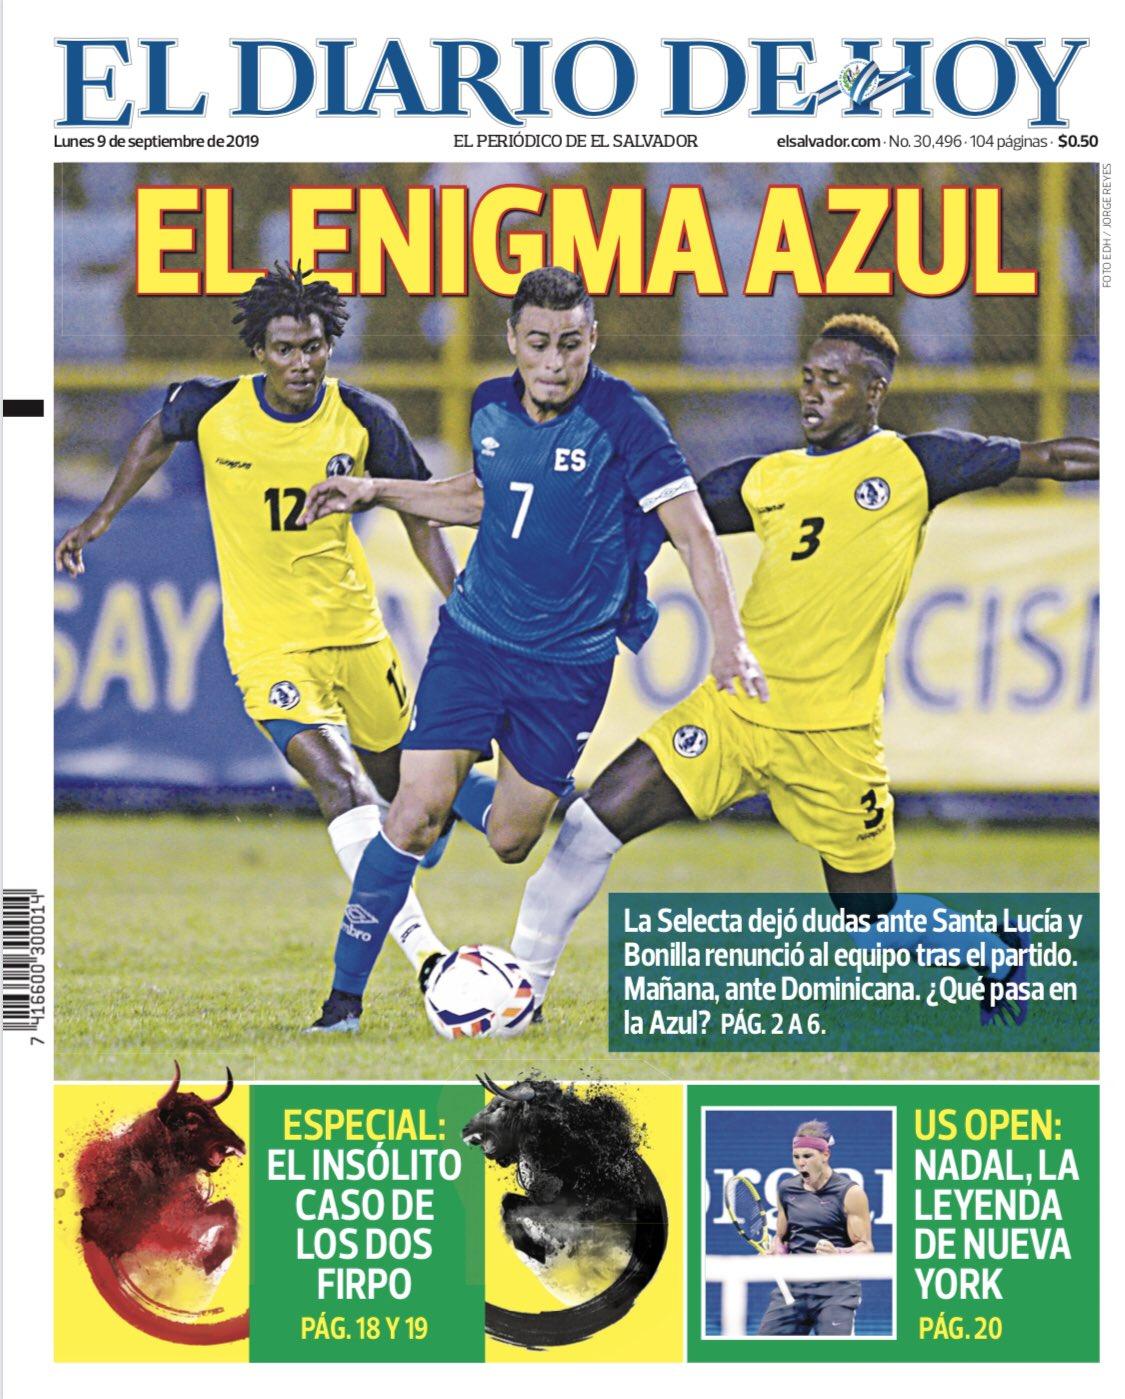 Liga de Naciones CONCACAF 2019: El Salvador 3 Santa Lucia 0. ED_f-ZqXUAUMfat?format=jpg&name=large